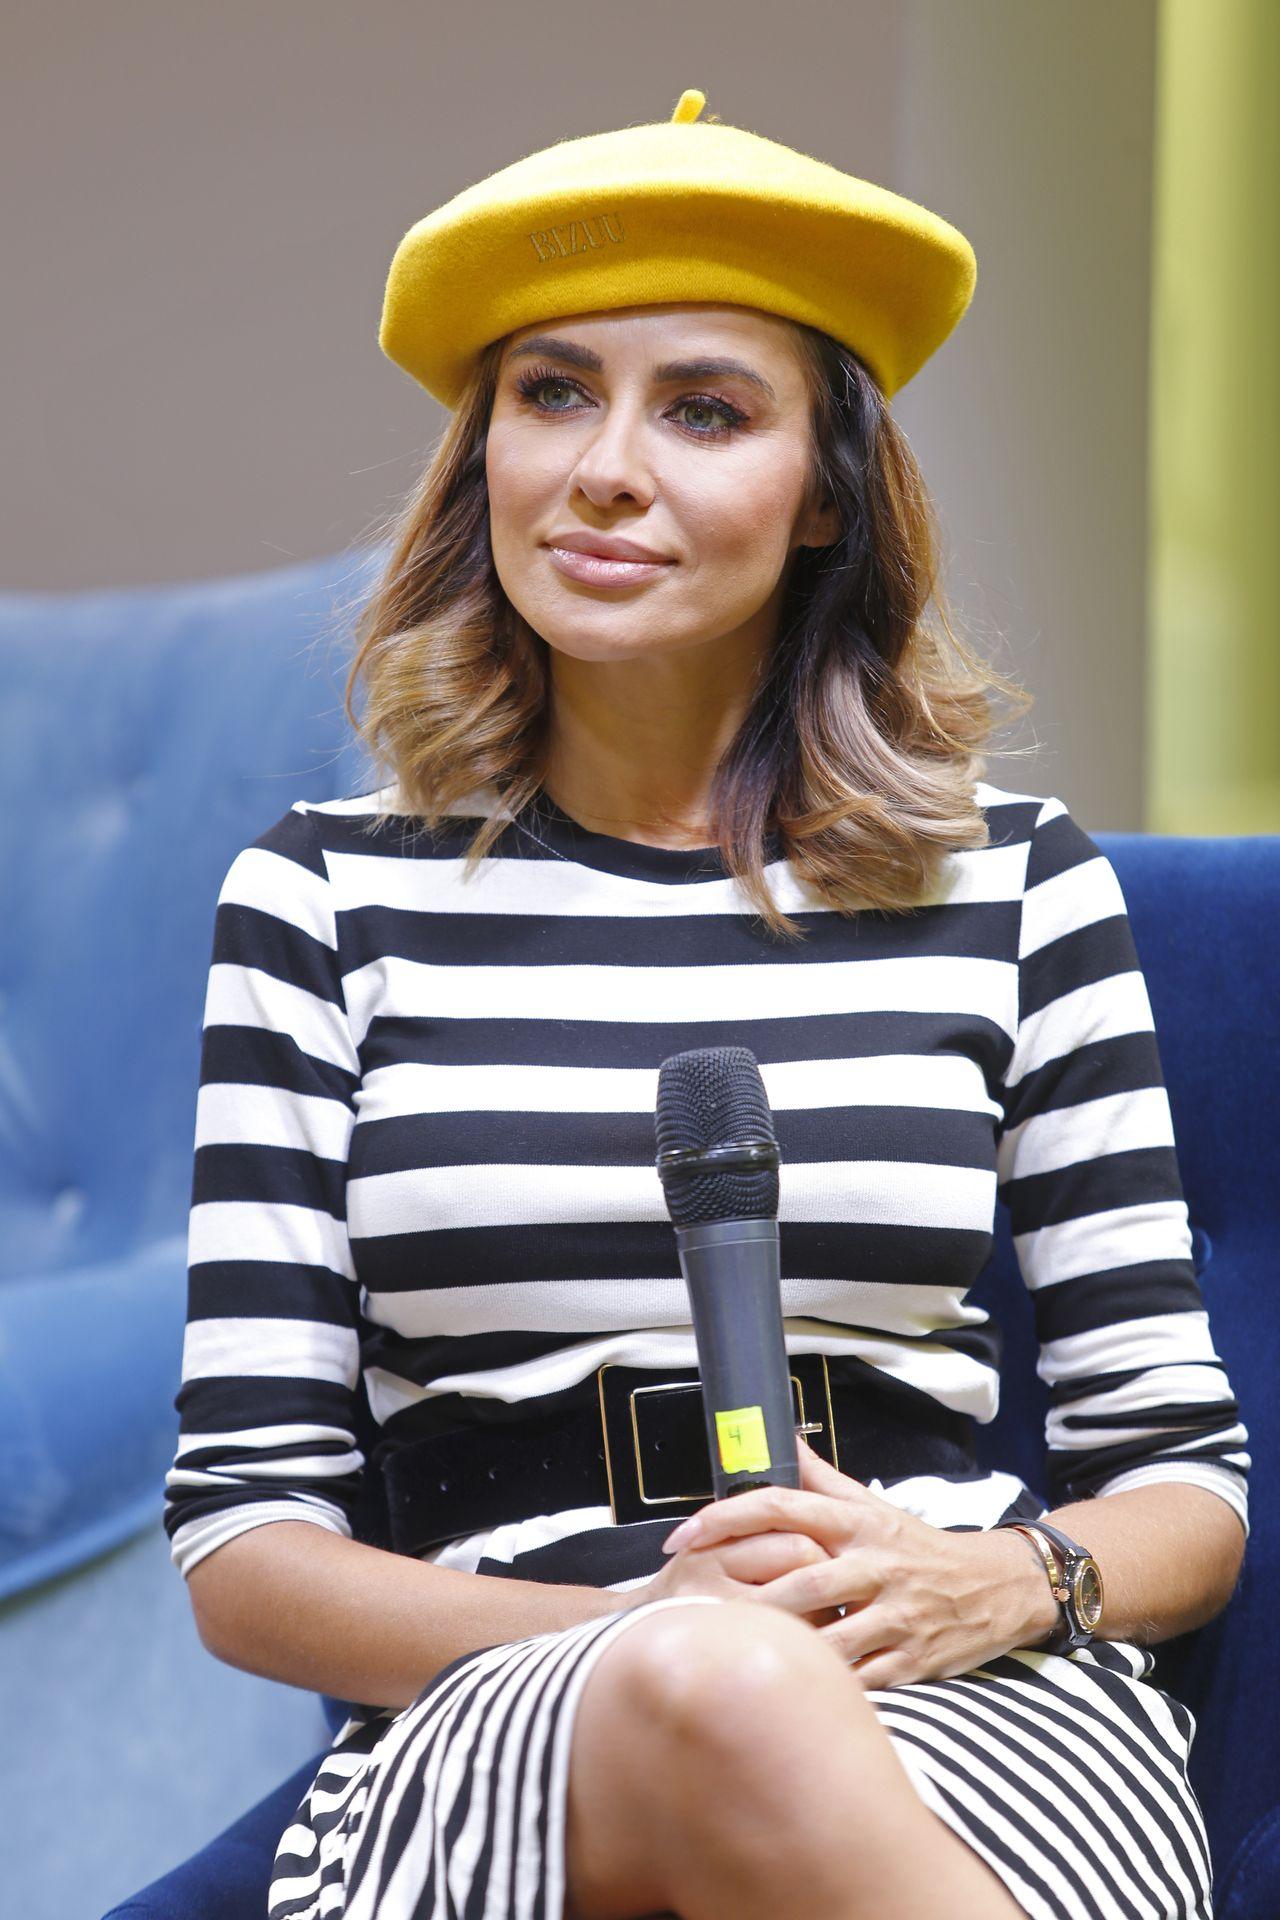 Natalia Siwiec w żółtym berecie i białych kozaczkach (ZDJĘCIA)